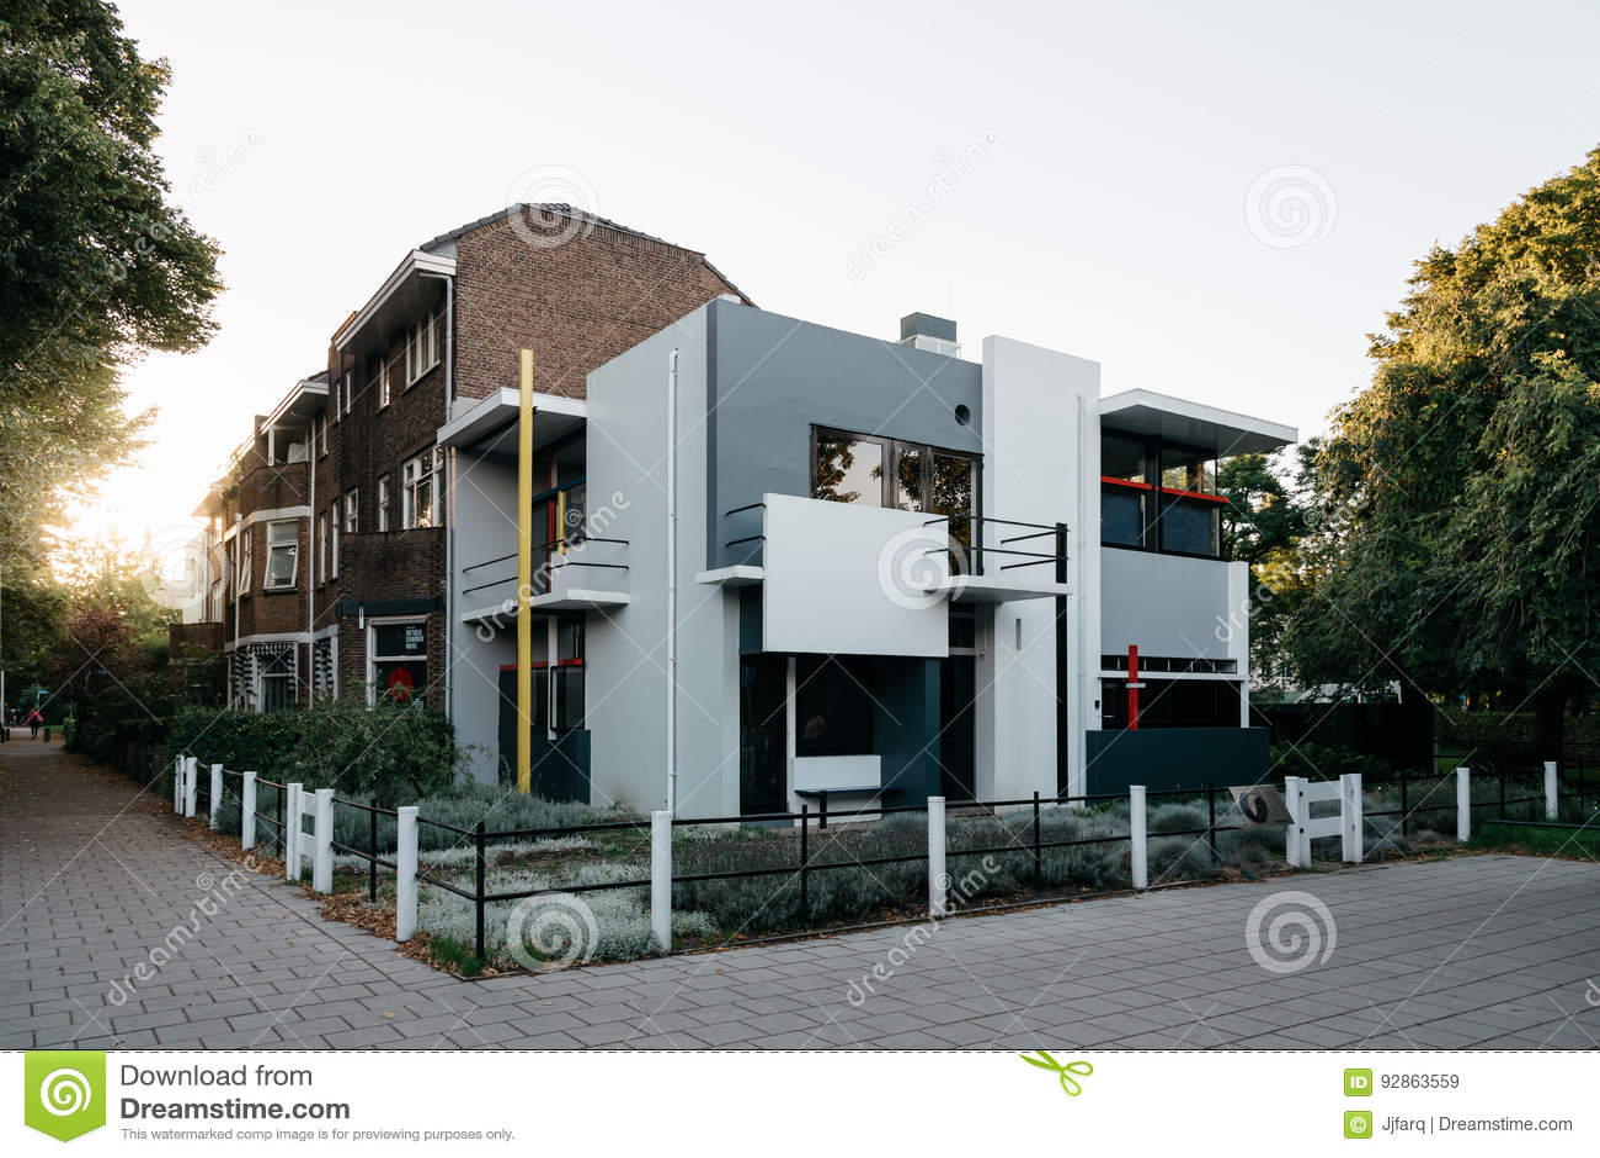 Das Schroder Haus Durch Gerrit Rietveld In Utrecht Die Niederlande